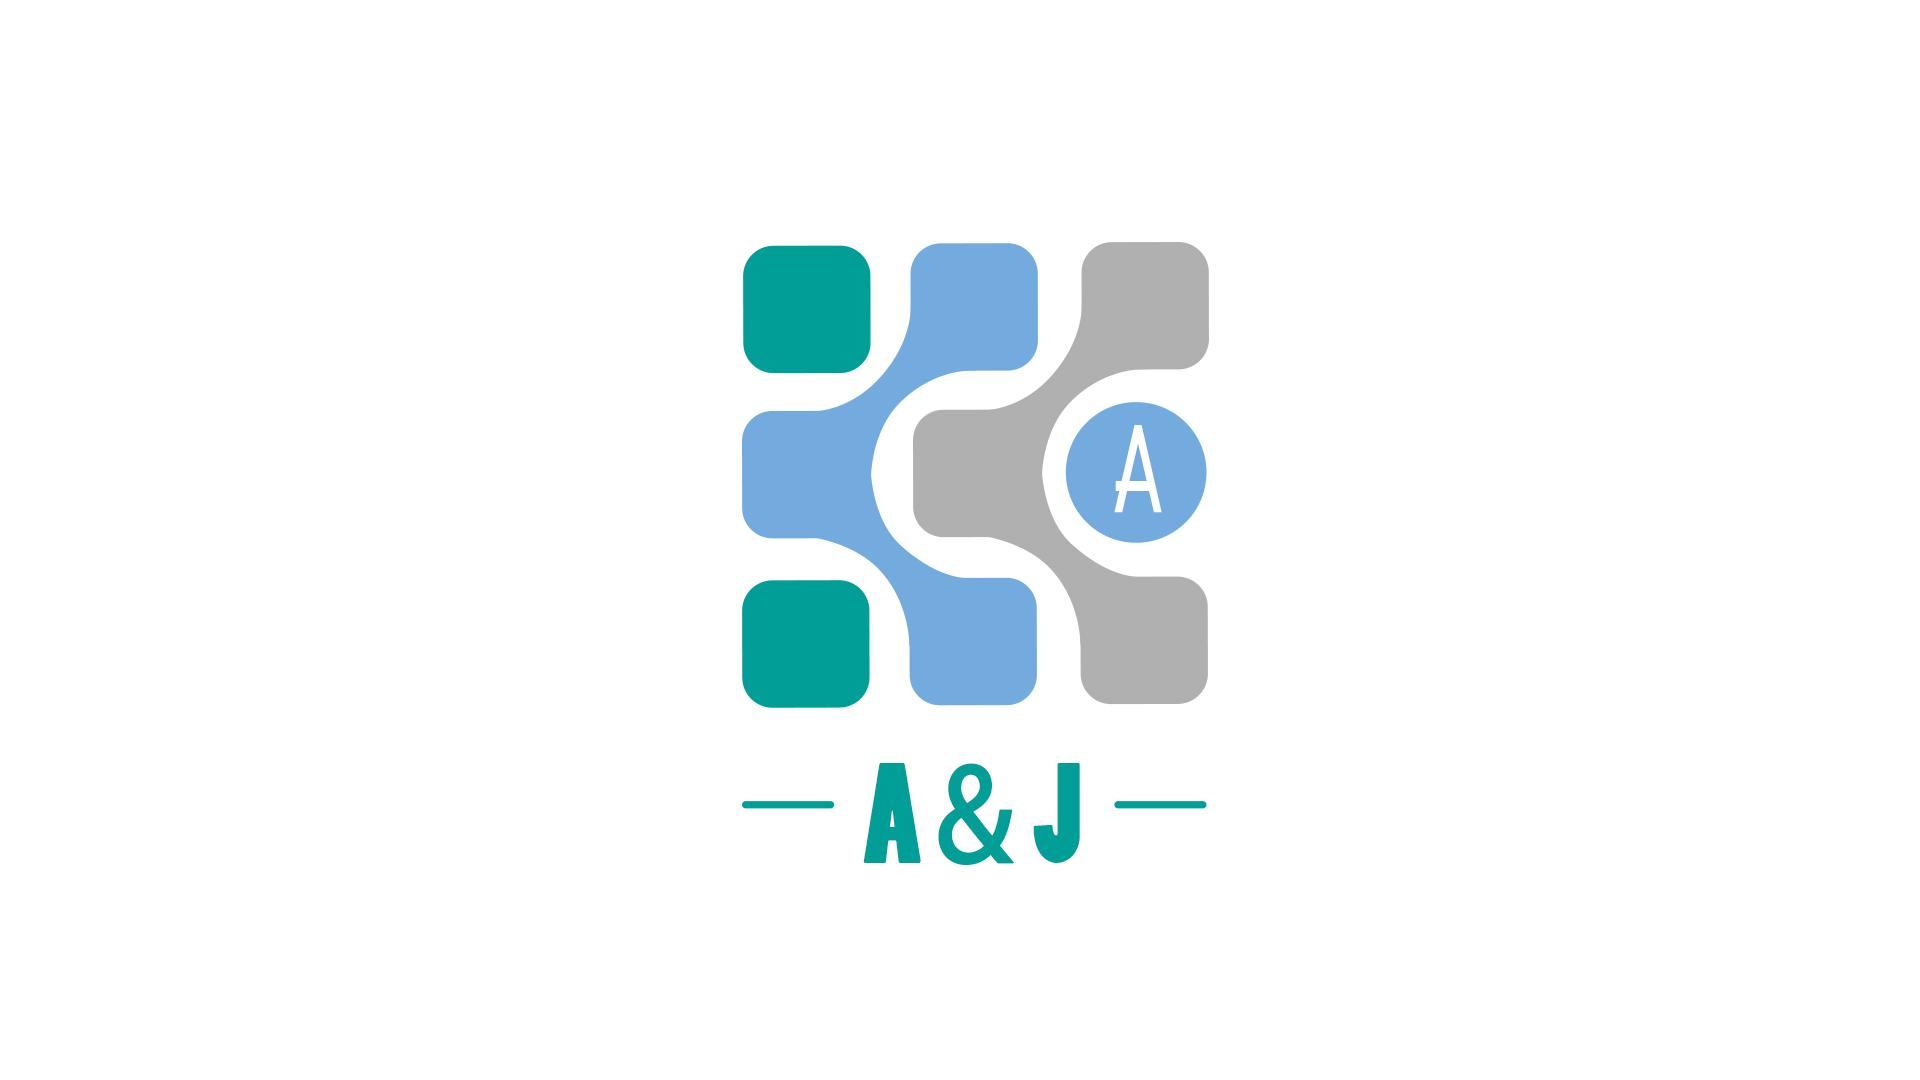 某生物制药公司logo设计图优化